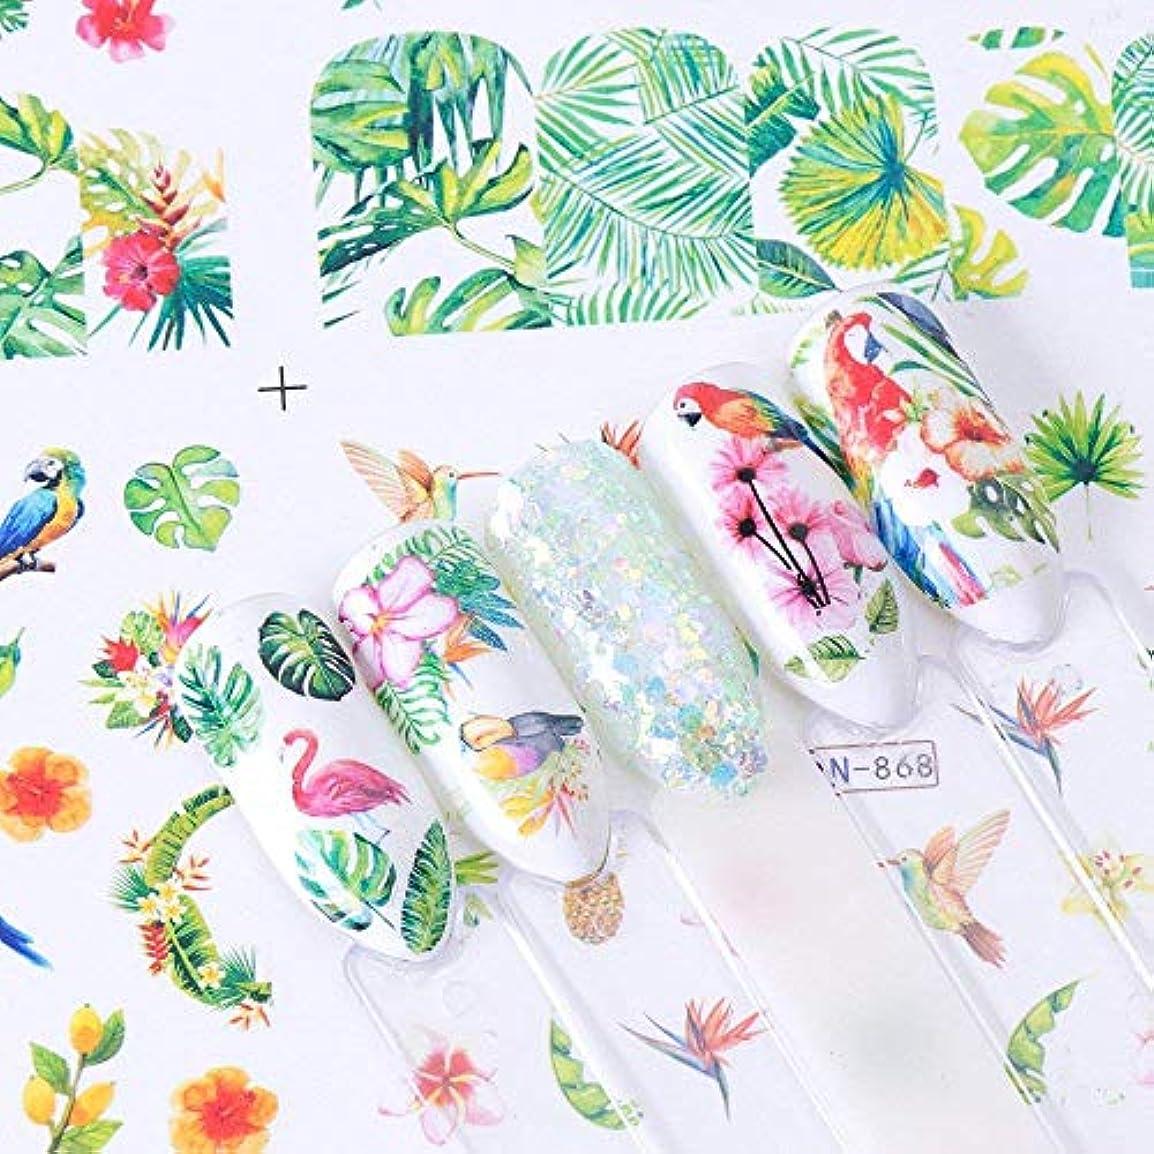 12枚セット フラミンゴ 花 フラワー モンステラネイルシール ウォーターネイルシール ジェルネイル セルフネイル レジン フラミンゴ 鳥 夏 ネイルシール ピンクフラミンゴシール ピンク